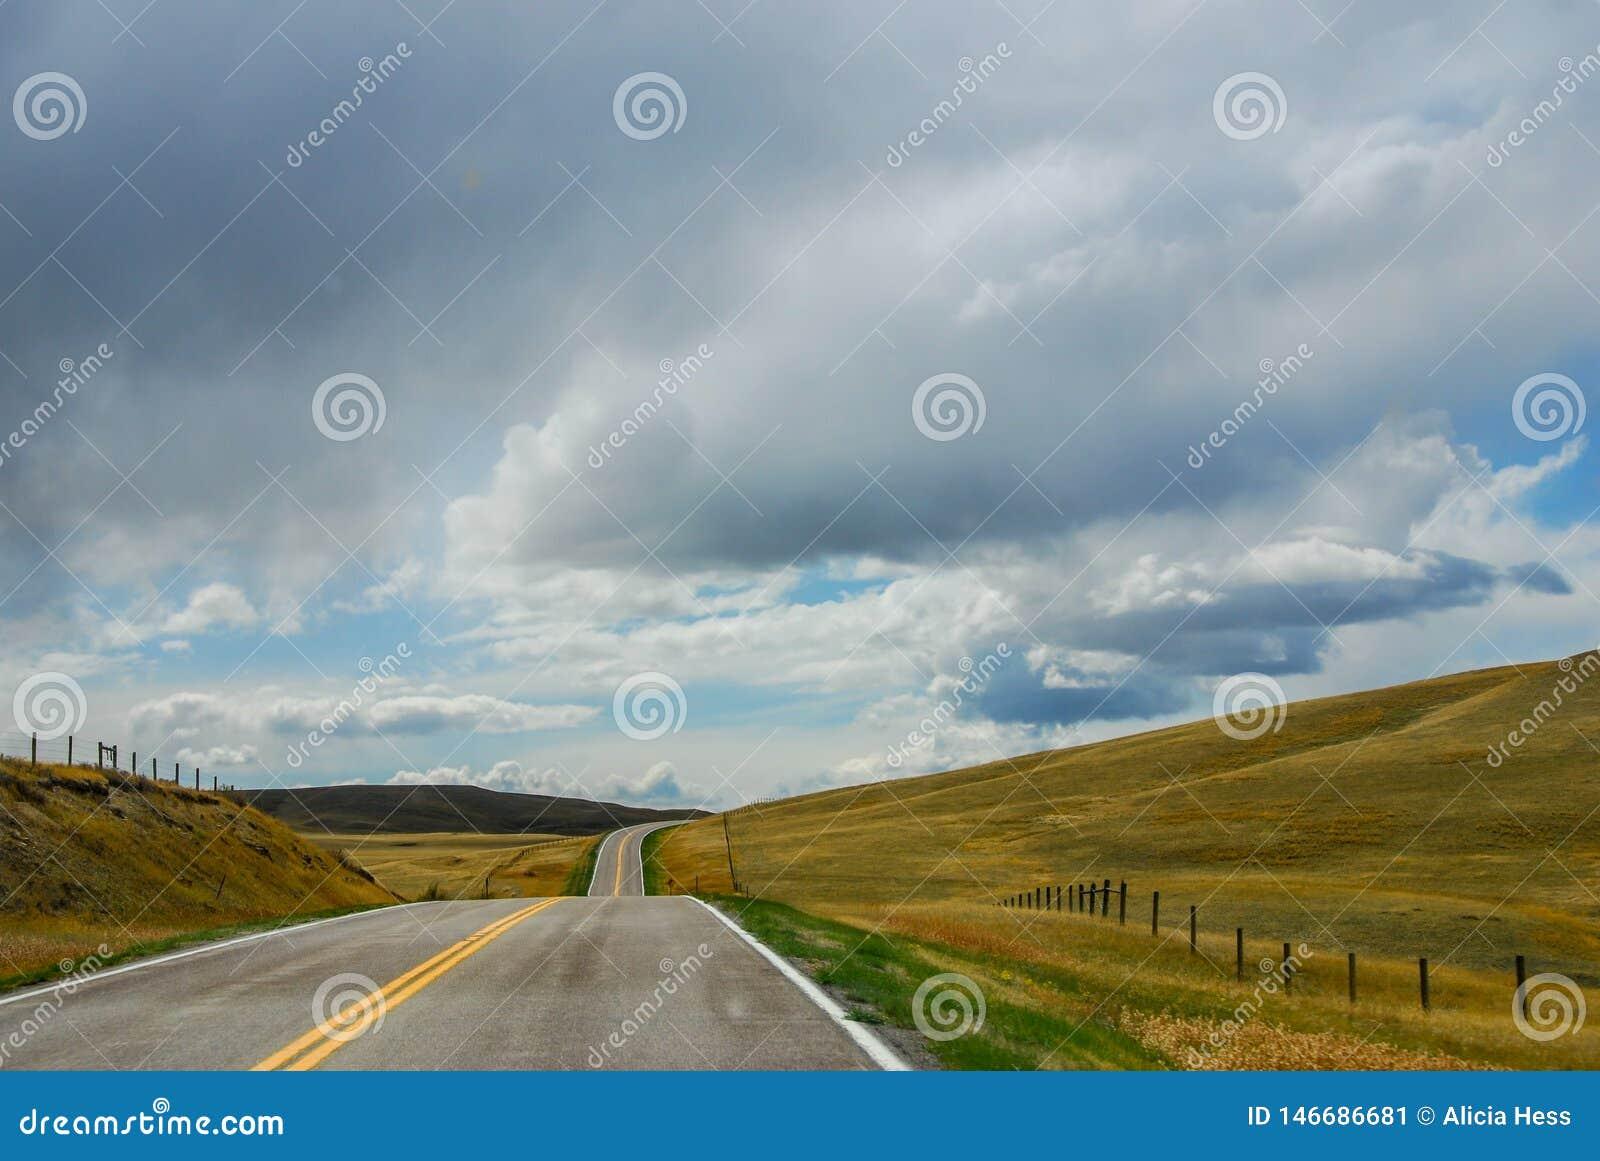 La strada aperta nel grande paese del cielo